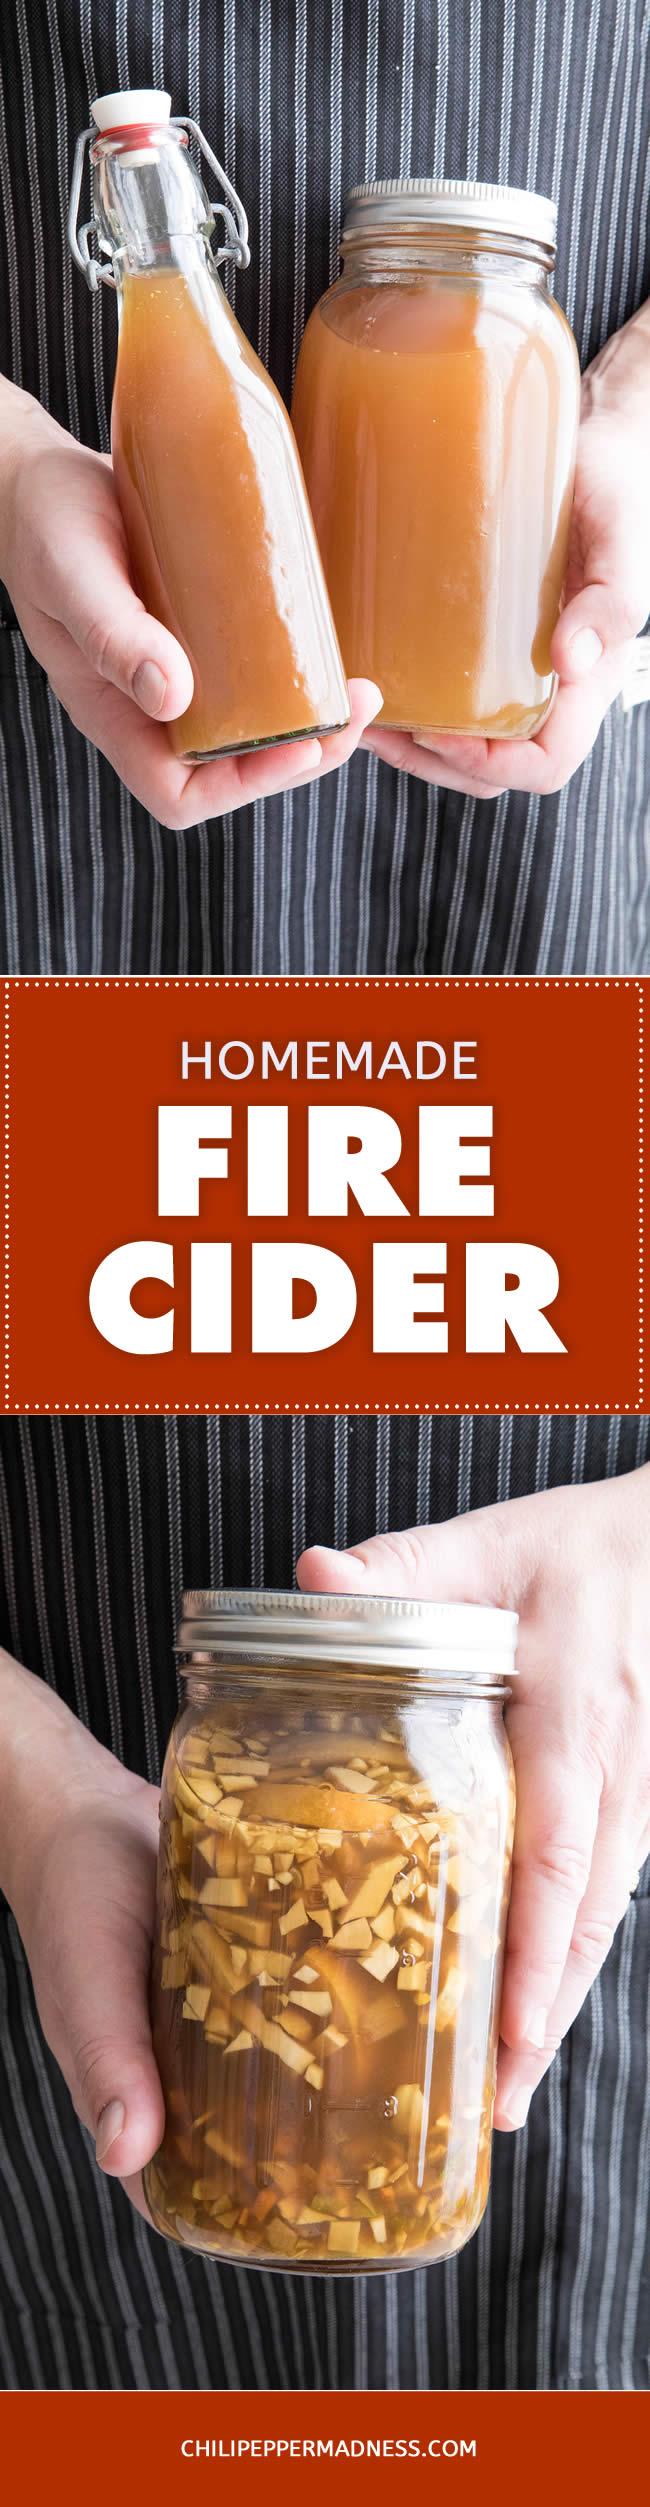 Homemade Fire Cider - Recipe